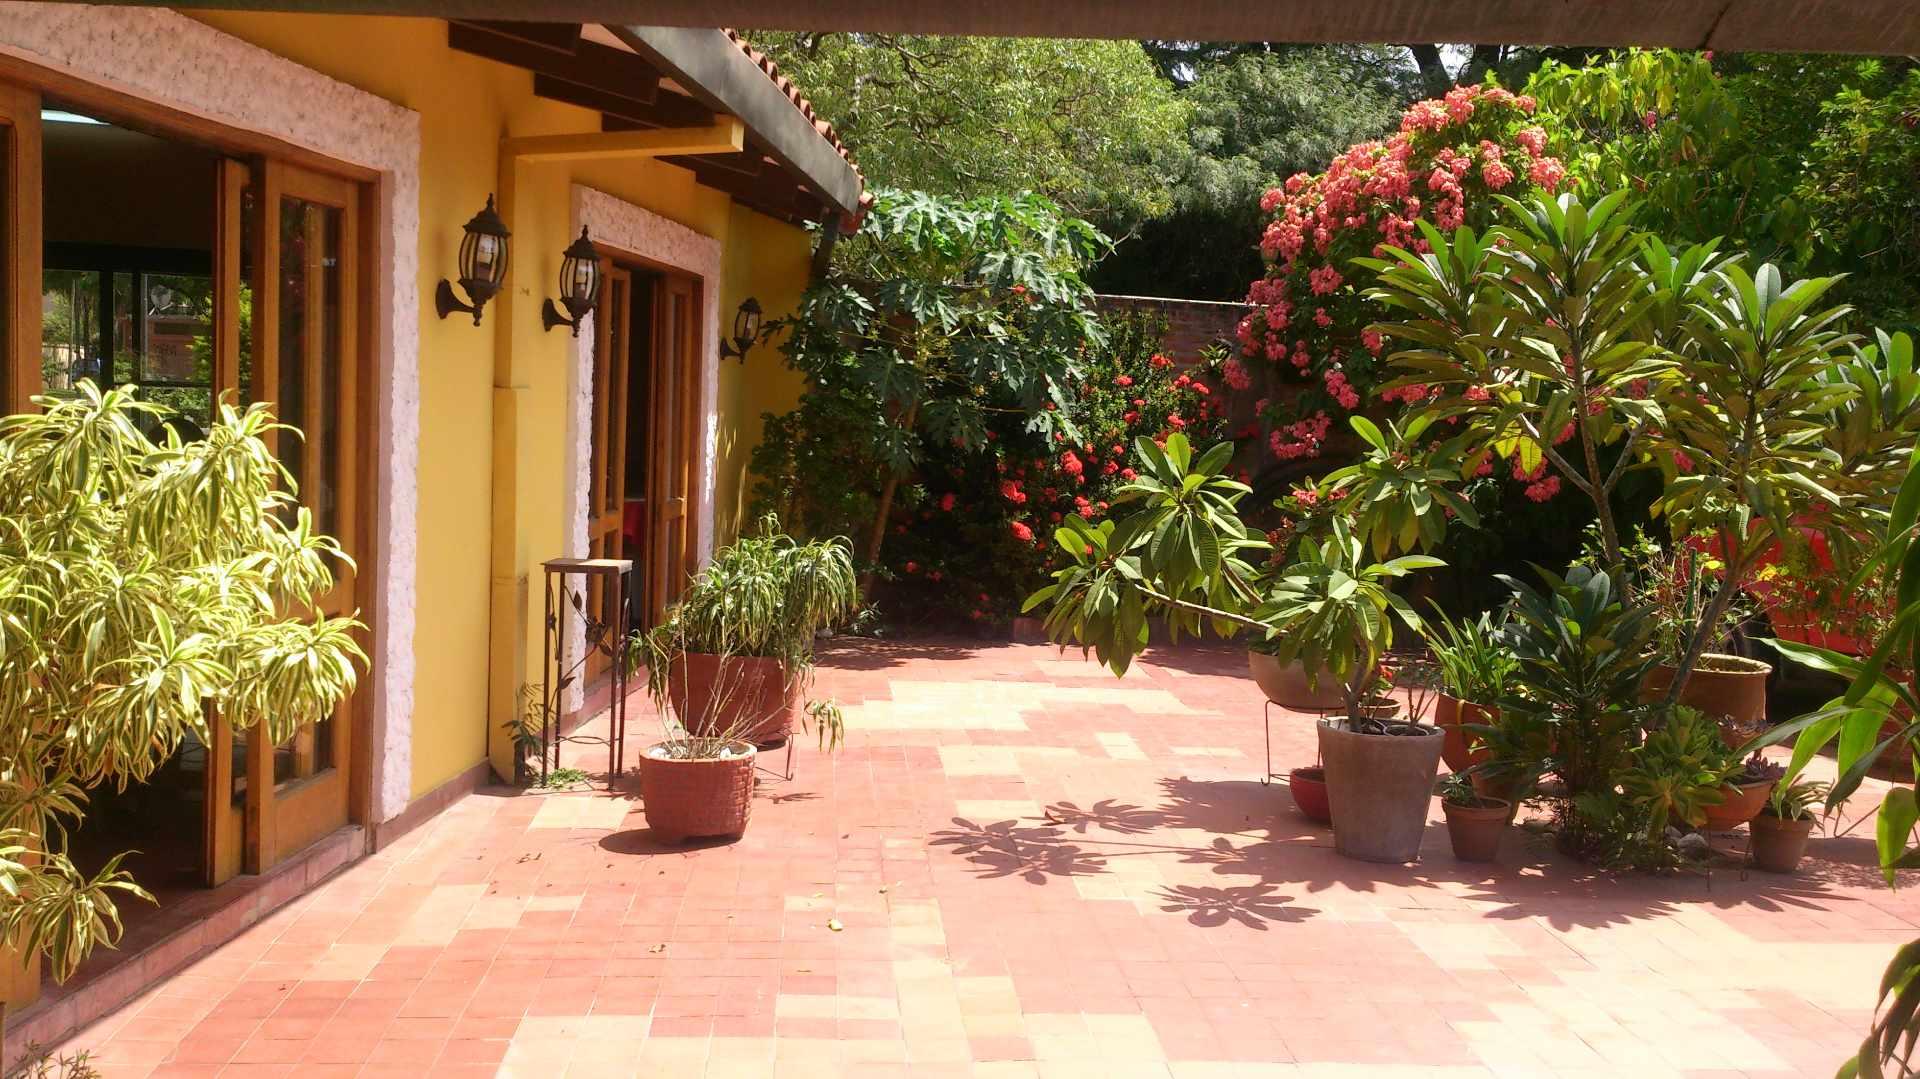 Casa en Venta AV. SANTOS DUMONT Y AV.PILCOMAYO Foto 5